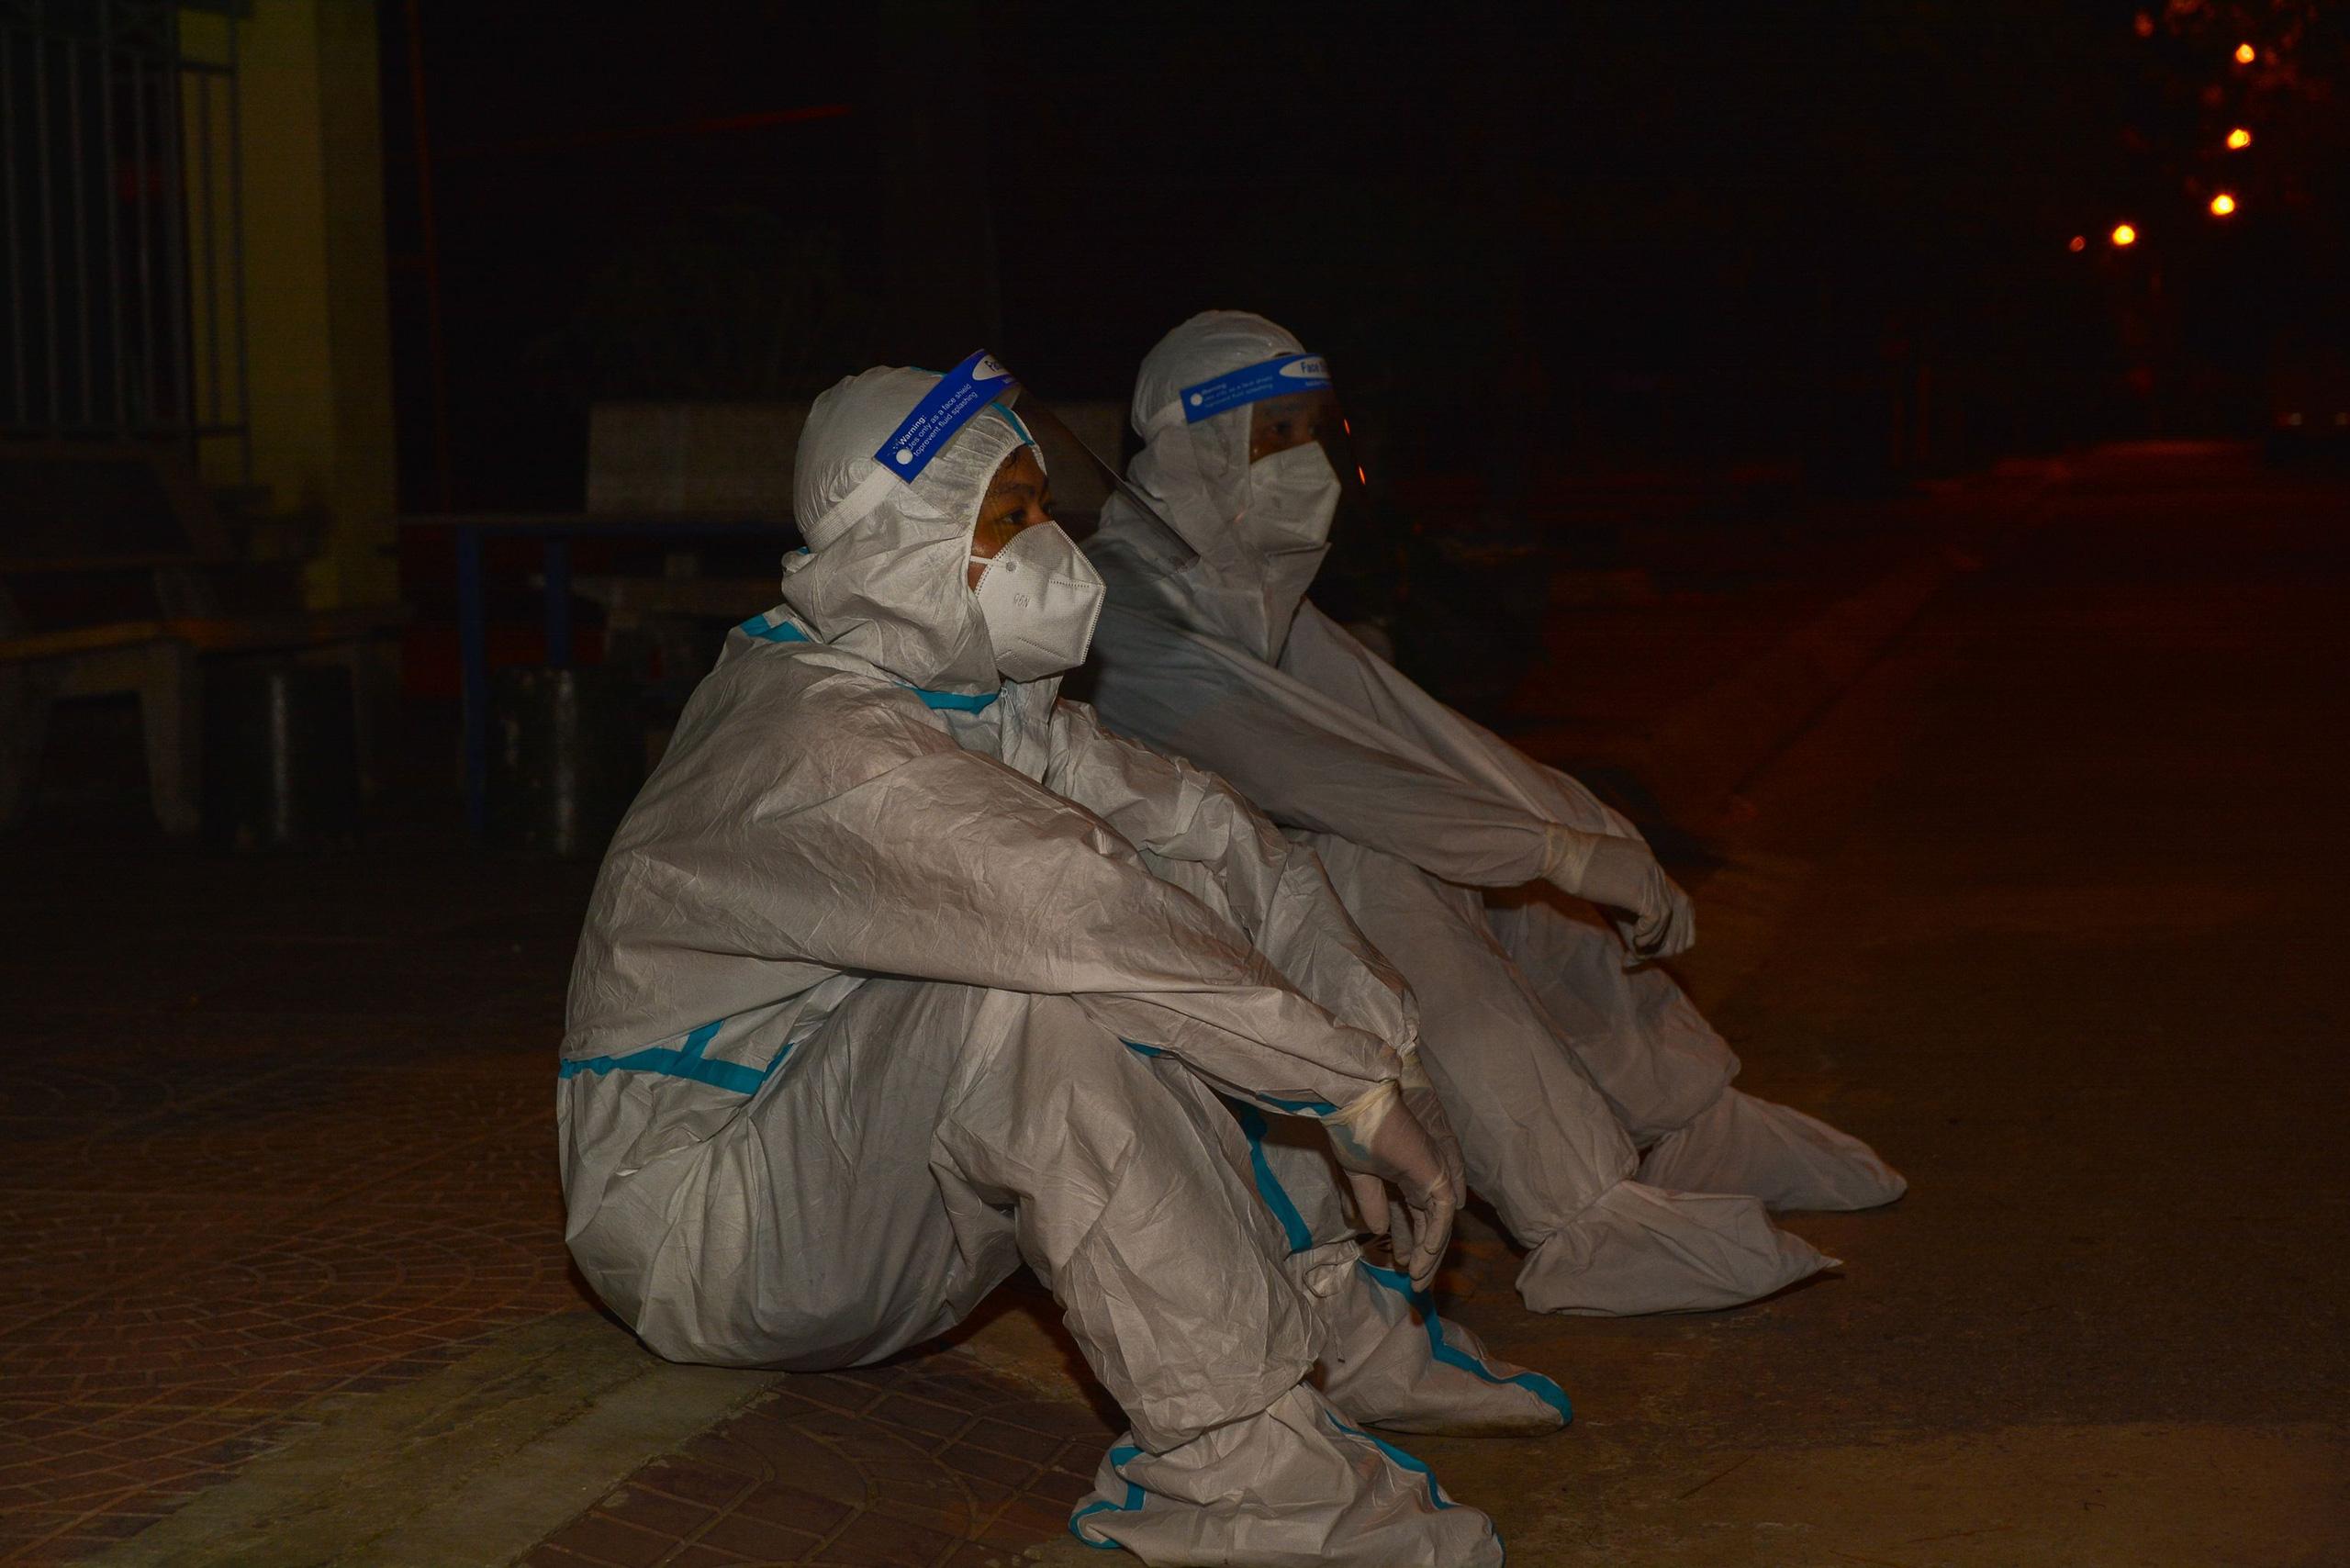 Điện Biên: Trắng đêm phun khử khuẩn phòng dịch Covid-19 - Ảnh 4.